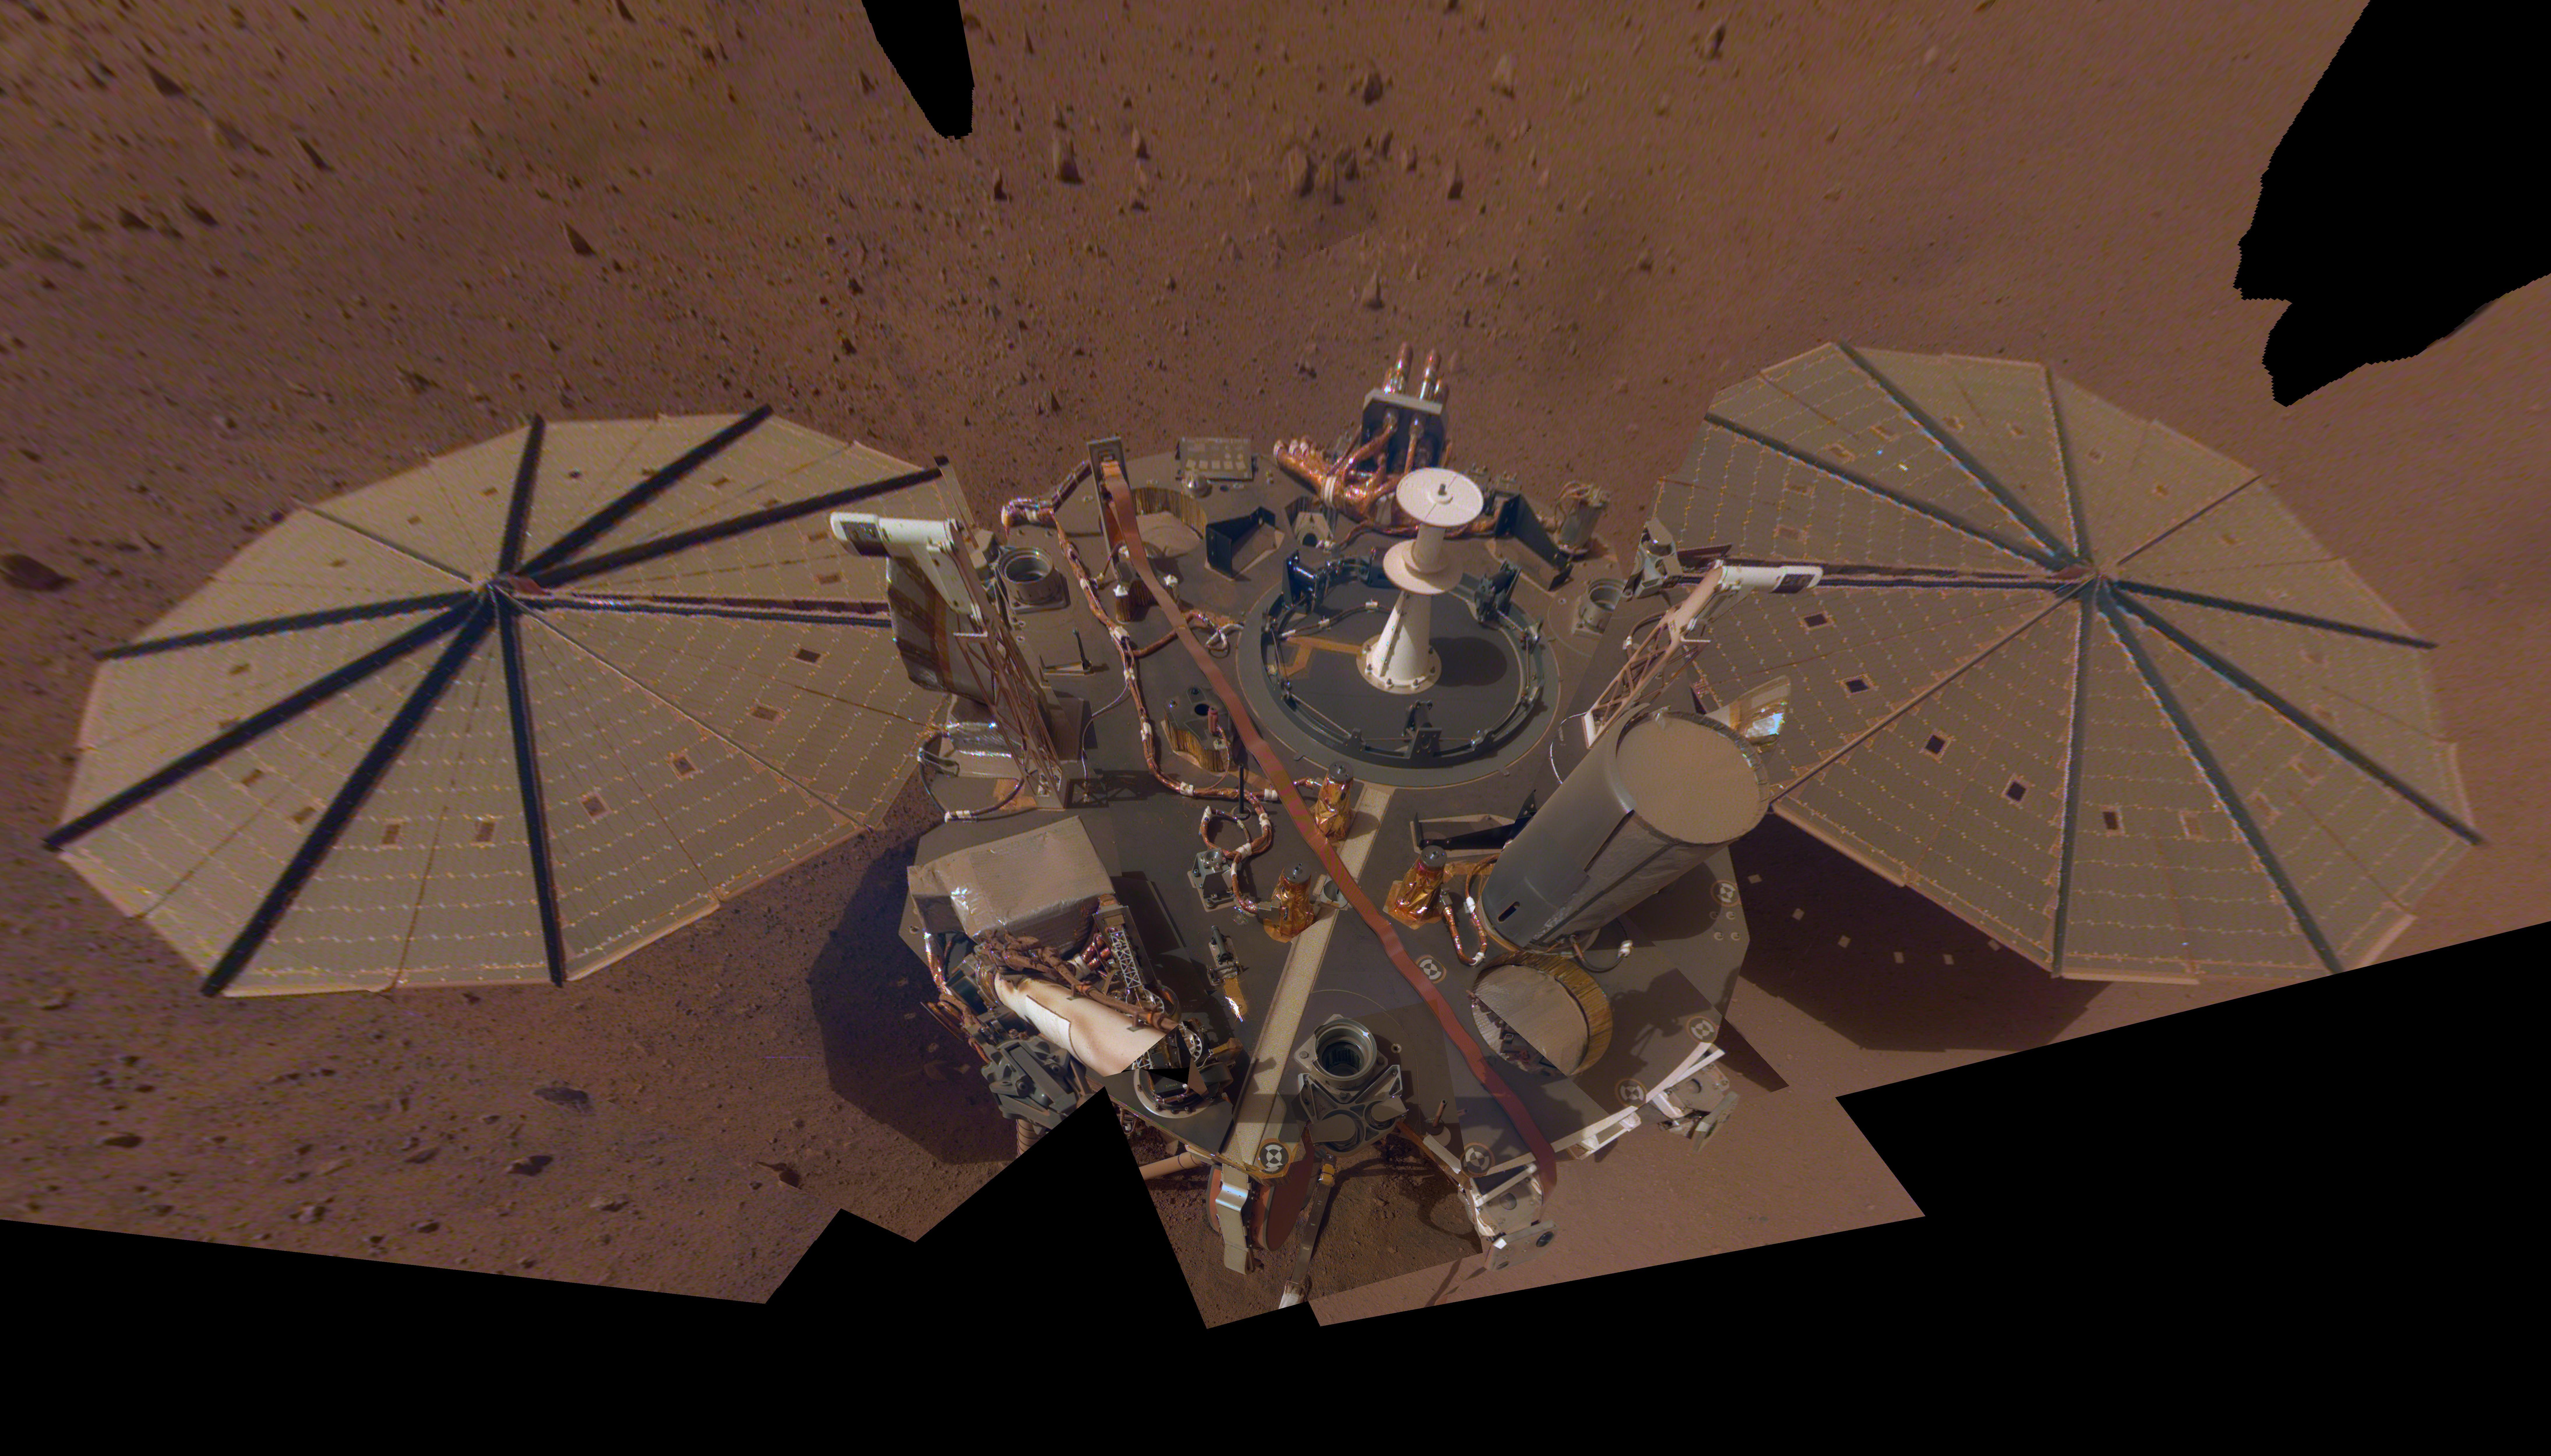 PIA23203-Mars-InSightLander-2ndSelfie-20190411.jpg